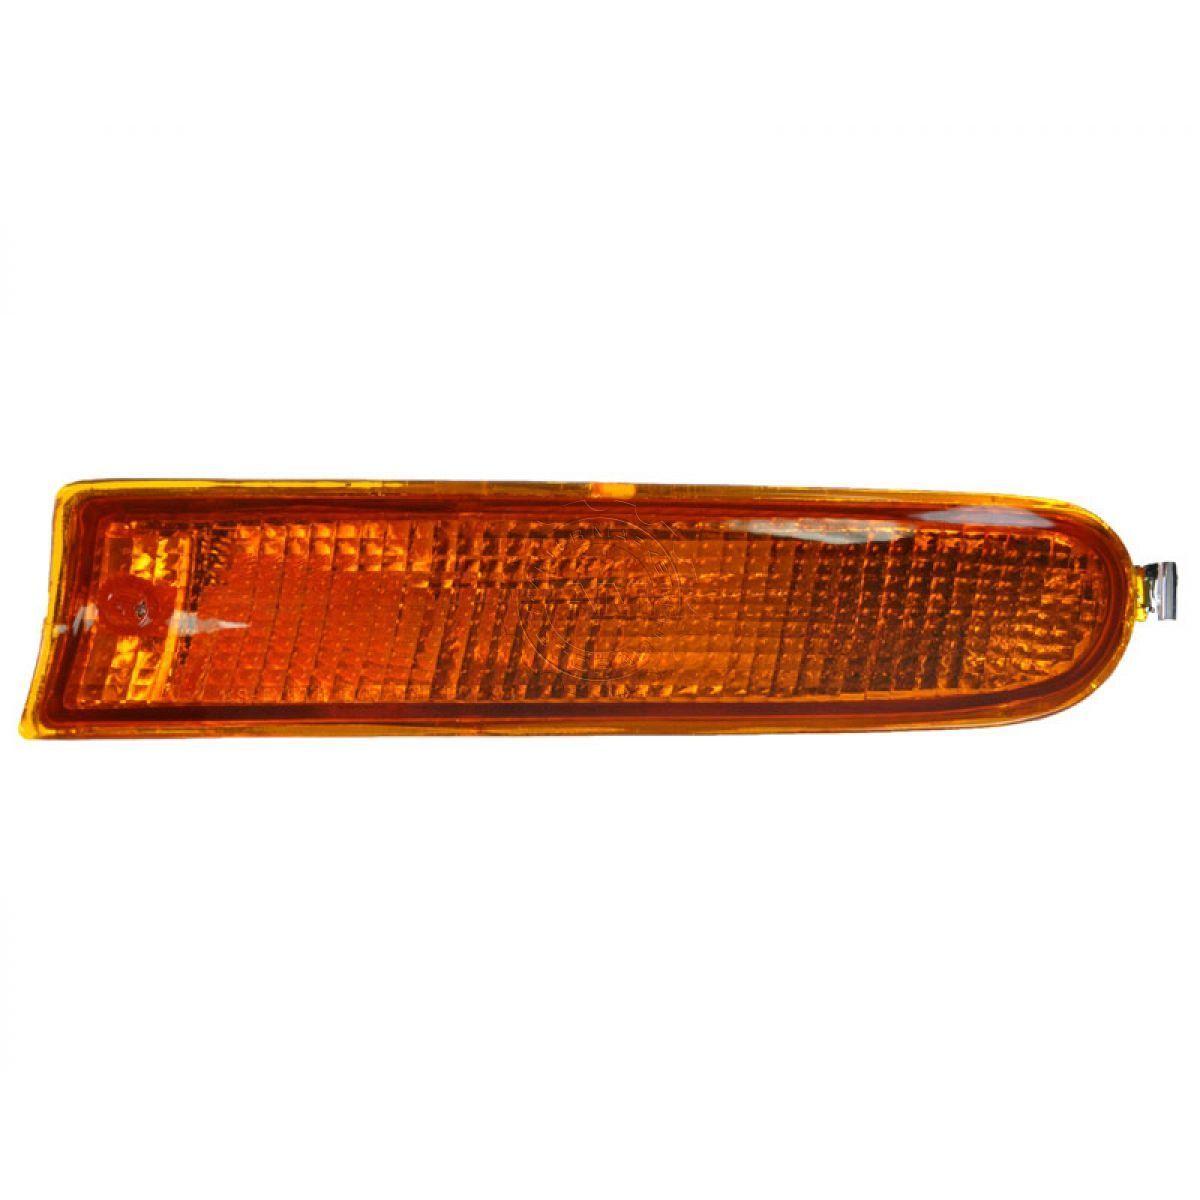 コーナーライト Parking Signal Directional Light Left Driver Side LH for 96-97 Toyota Rav4 Rav 4 駐車信号方向性ライト左ドライバ側LH 96-97用Toyota Rav4 Rav 4